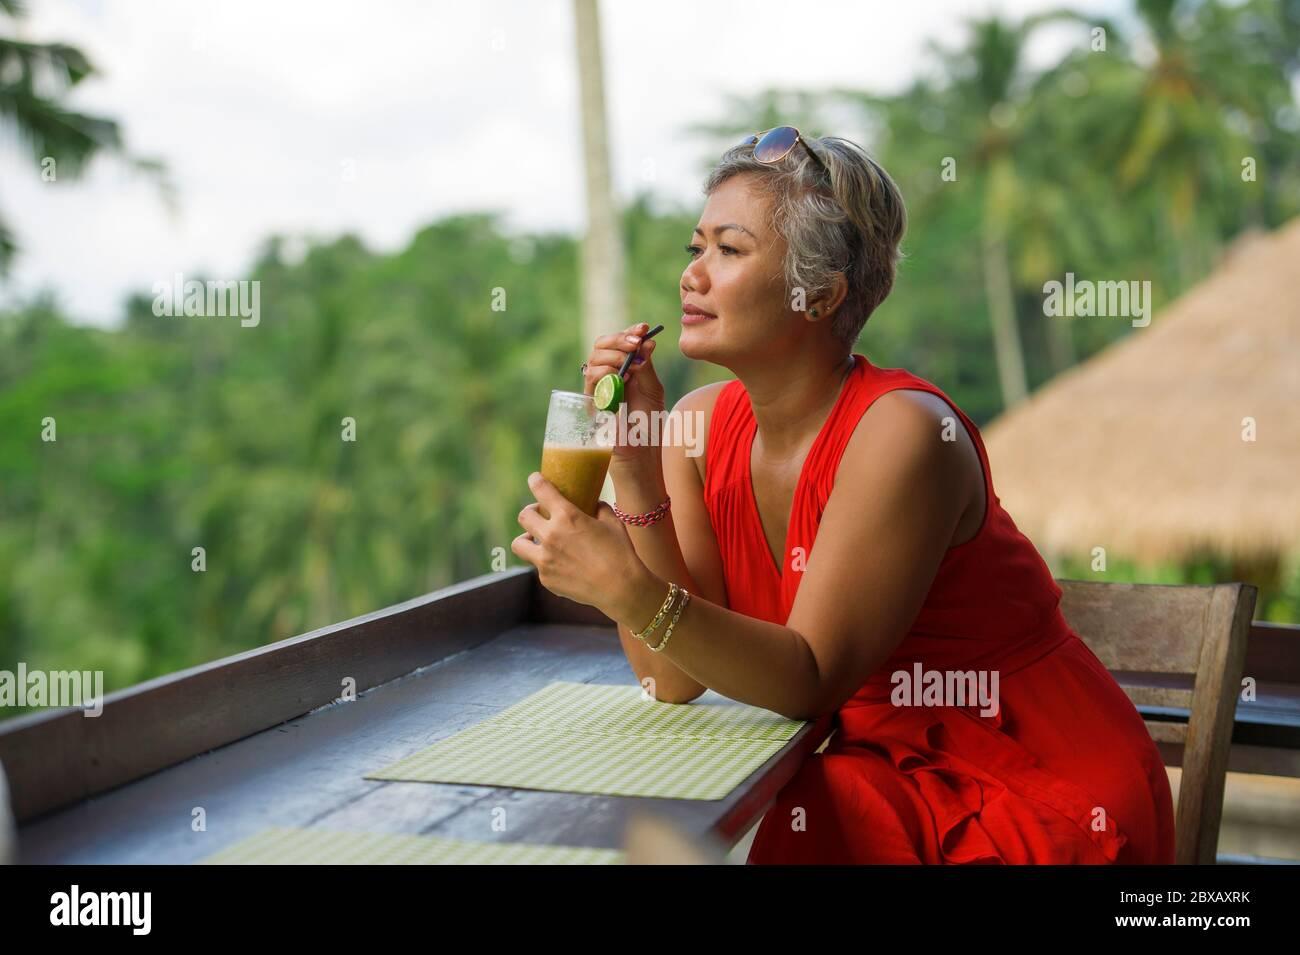 Estilo de vida natural al aire libre retrato de atractiva y feliz mujer Indonesia asiática de mediana edad en elegante vestido rojo disfrutando de un viaje tropical de vacaciones en Foto de stock